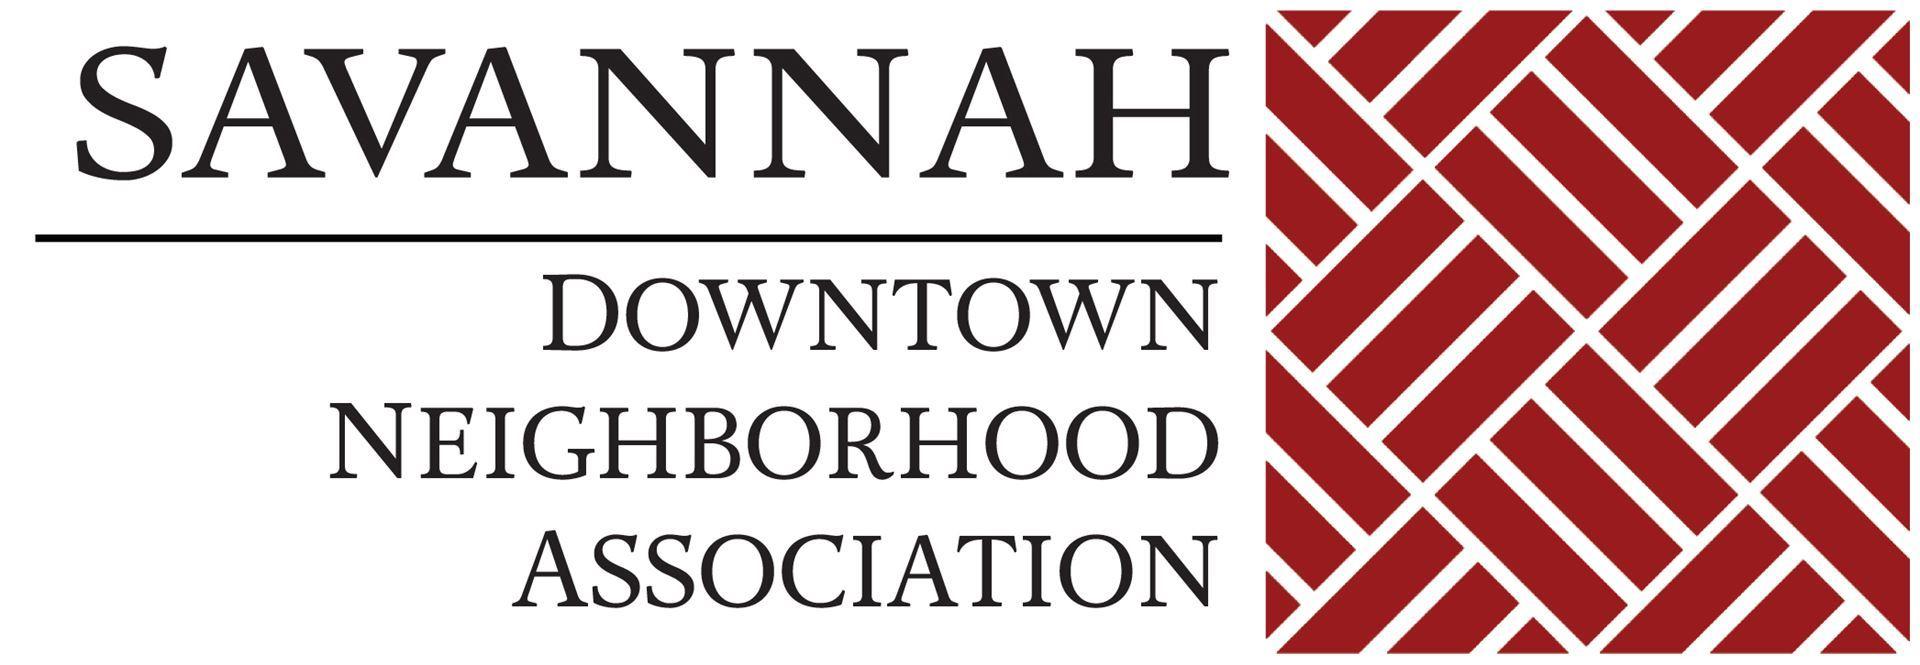 Downtown Neighborhood Association of Savannah Ga Inc - Rock